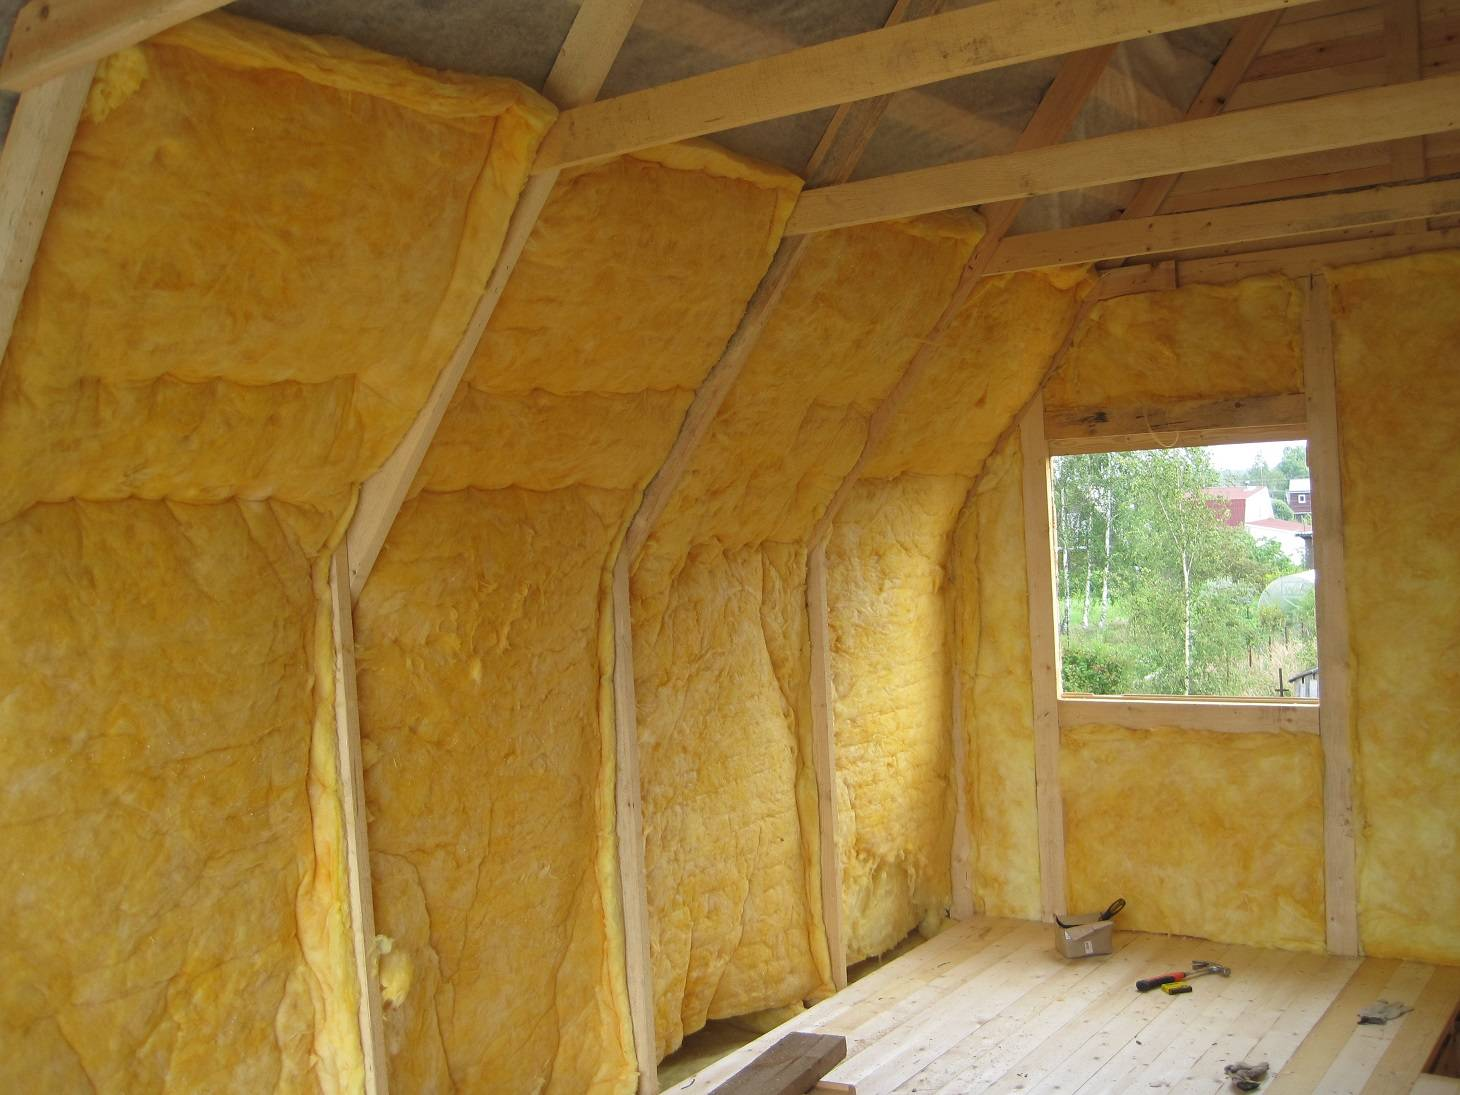 Утепление стен изнутри (внутри) дома и квартиры своими руками